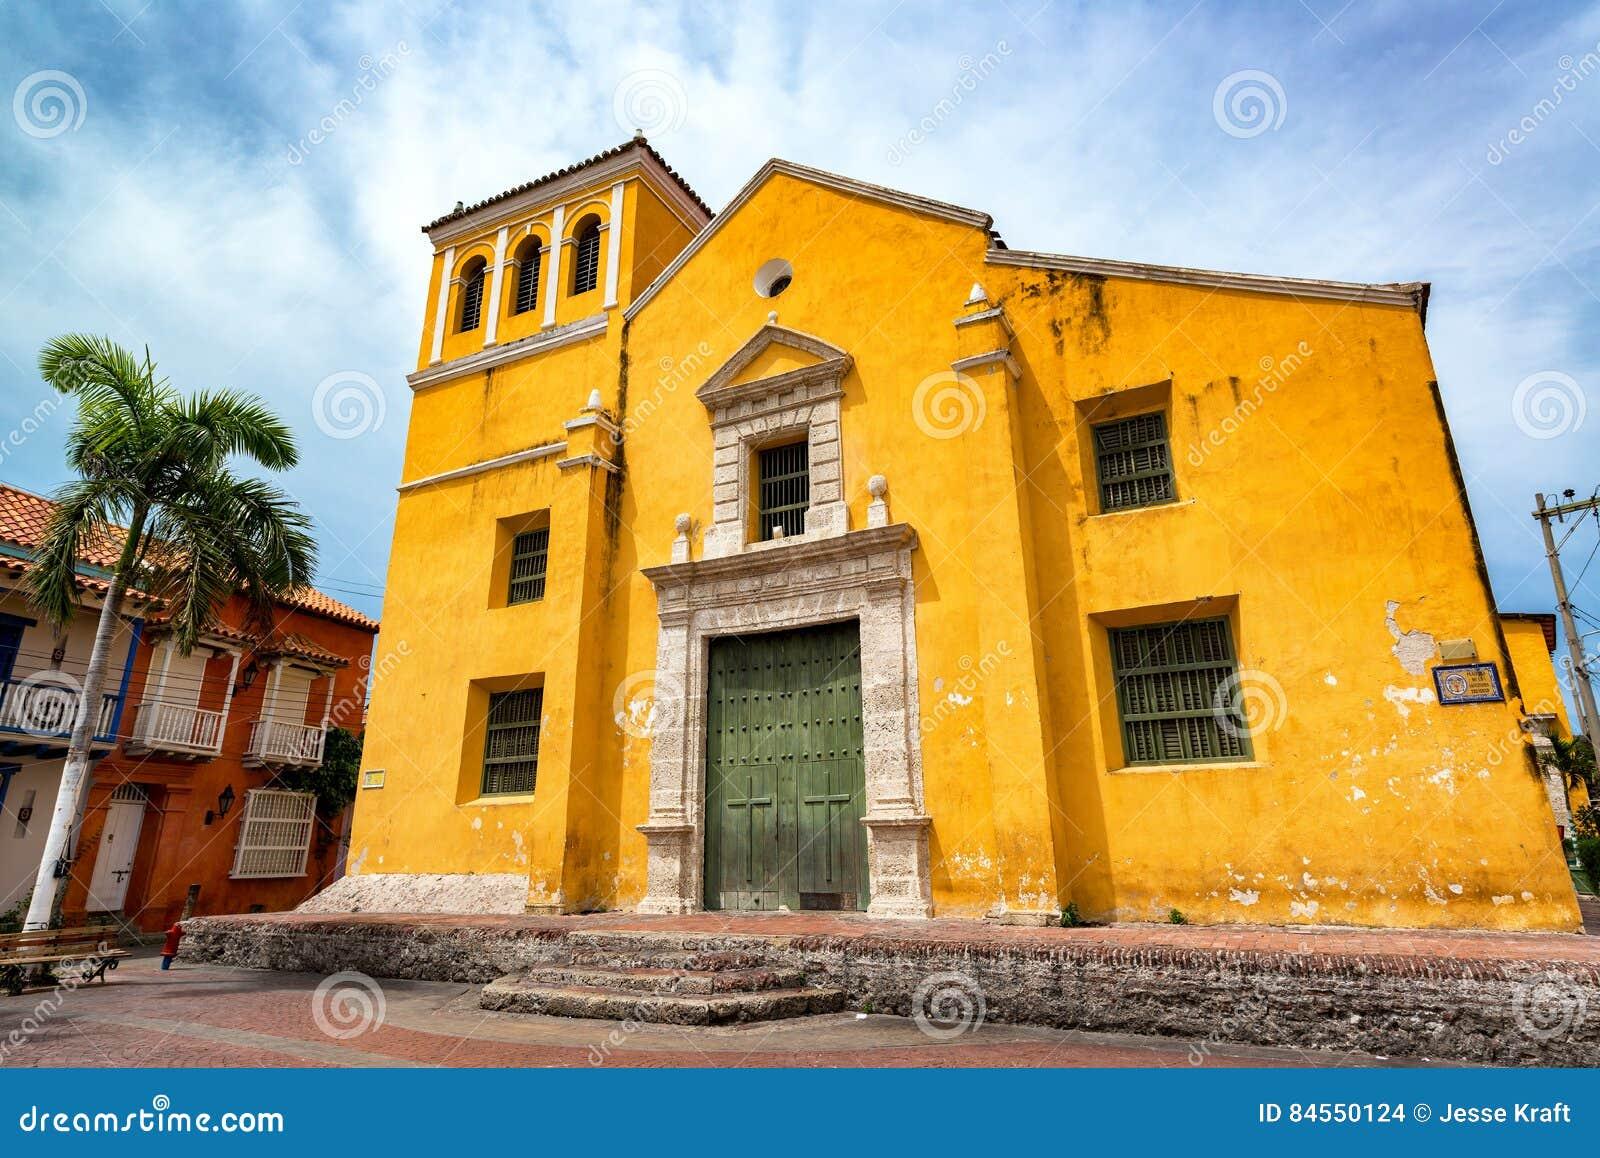 Church in Trinidad Plaza